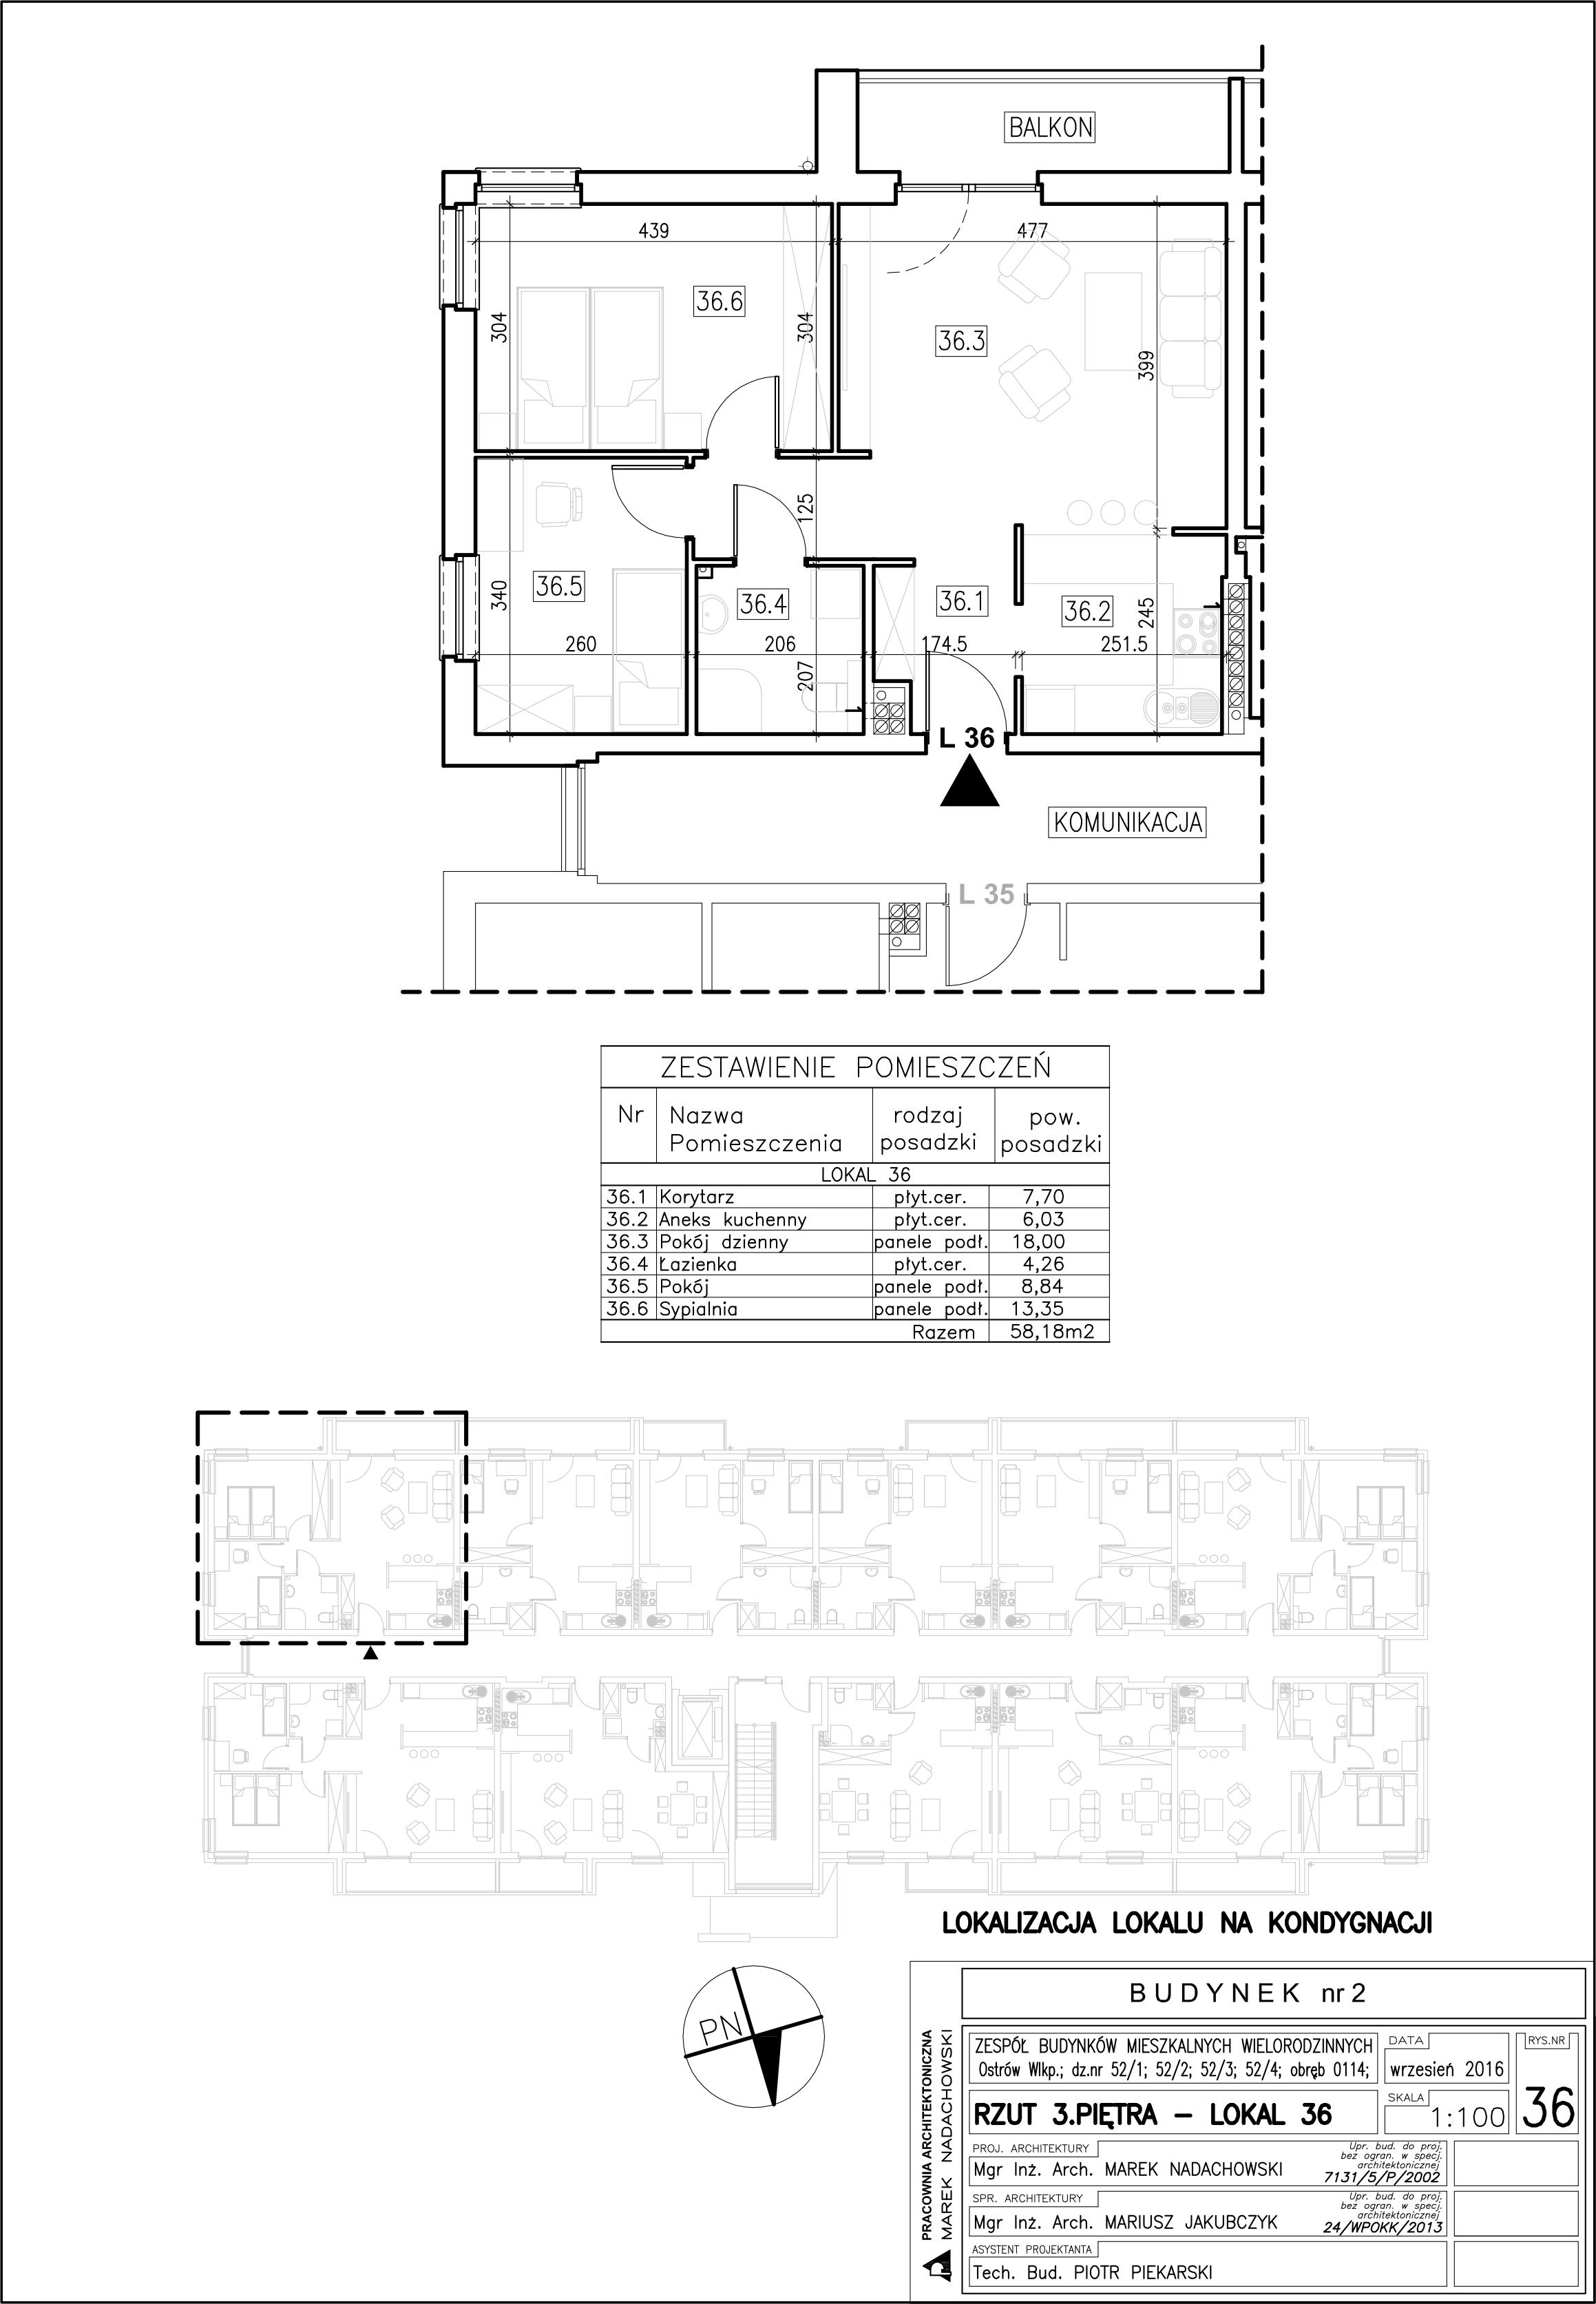 Lokal nr 36 Powierzchnia: 58,18 m2